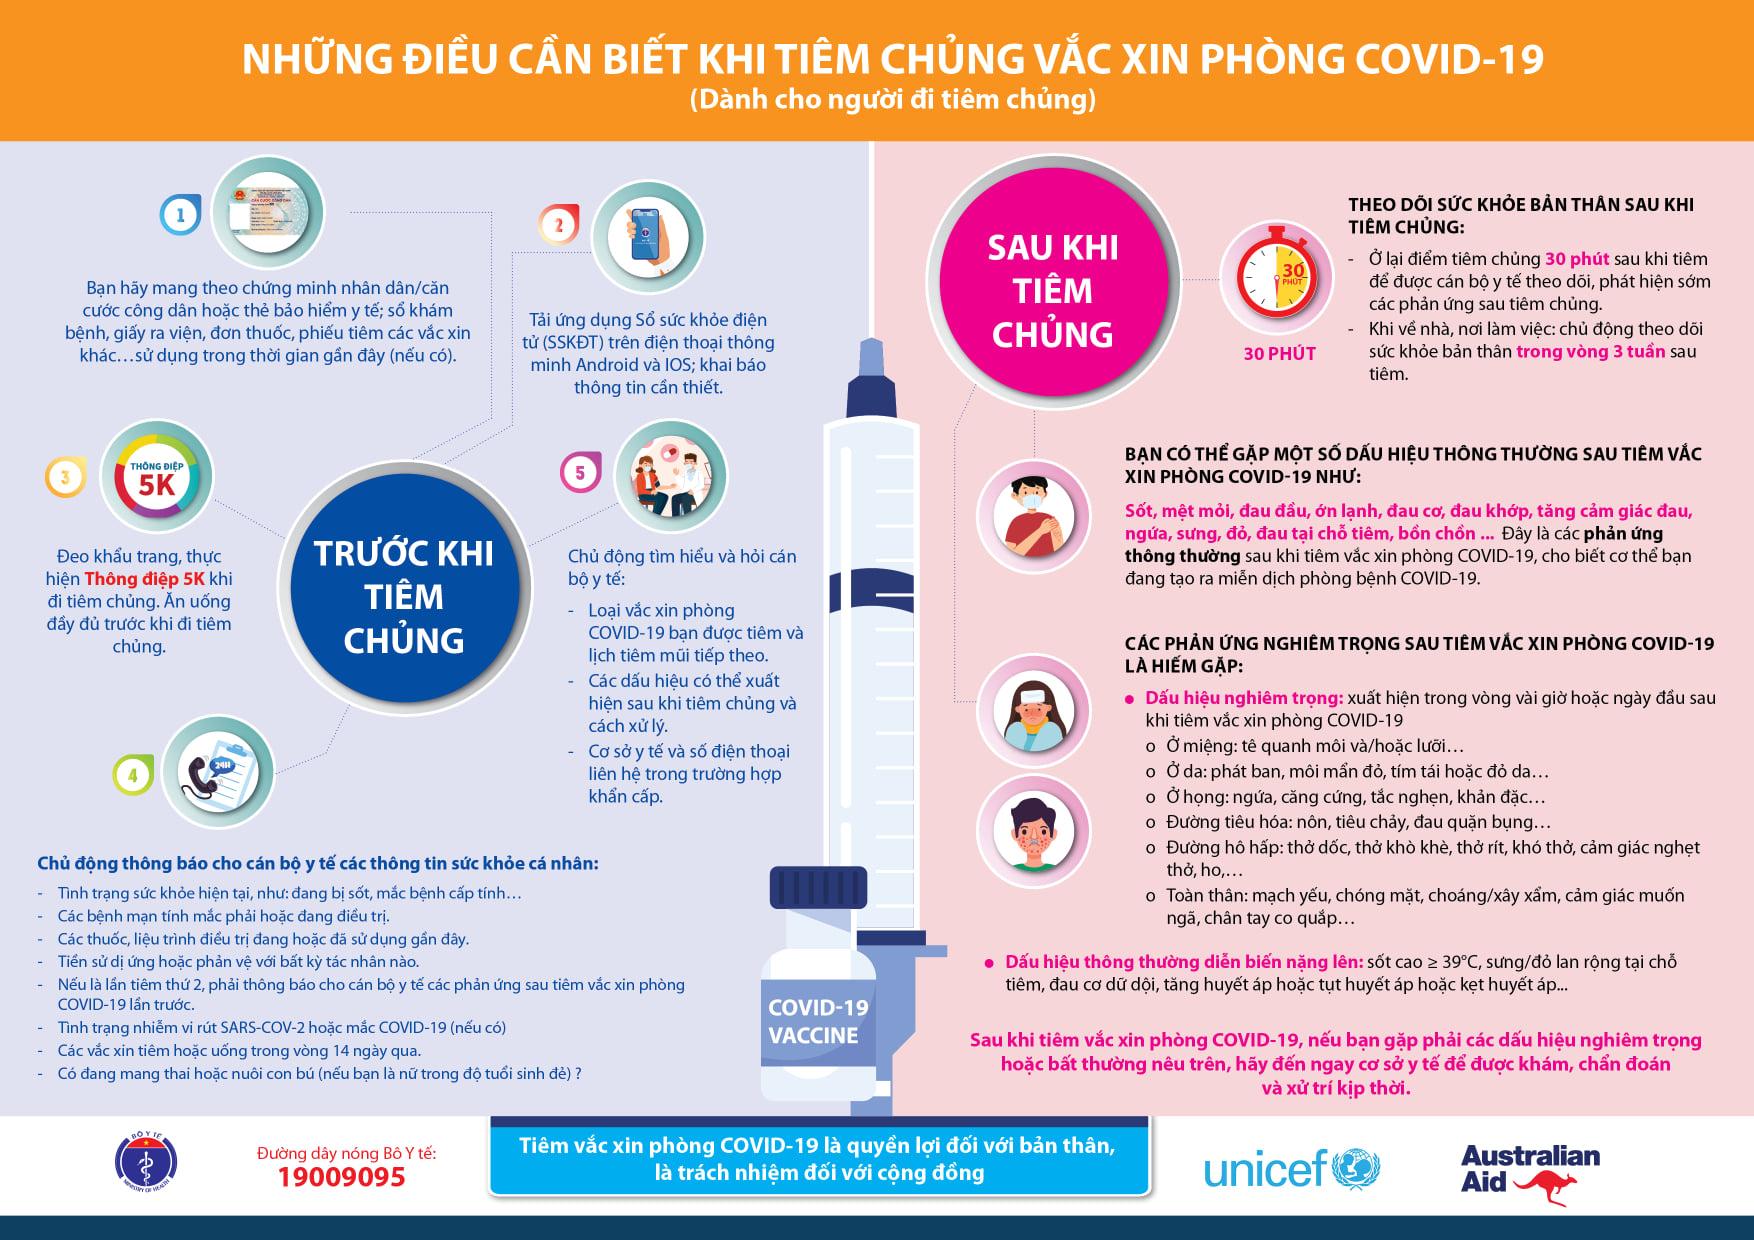 Những điều cần biết khi tiêm chủng vaccine phòng COVID-19